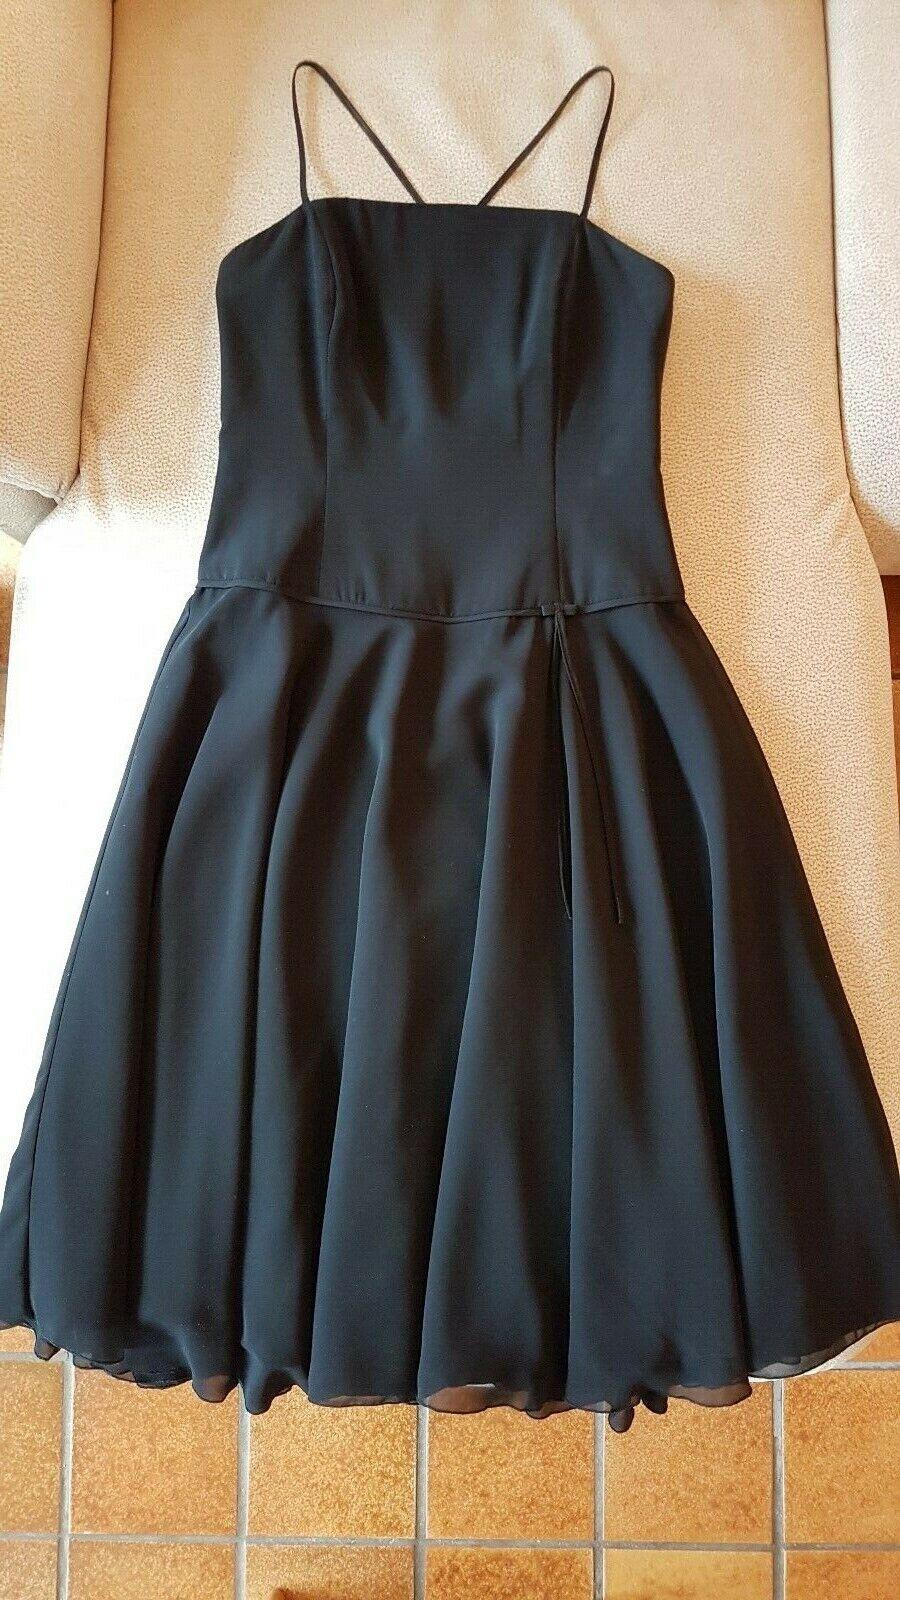 Kleid von SWING - Gr. 38 - Farbe  schwarz   | Sonderaktionen zum Jahresende  | Feinen Qualität  | Schön geformt